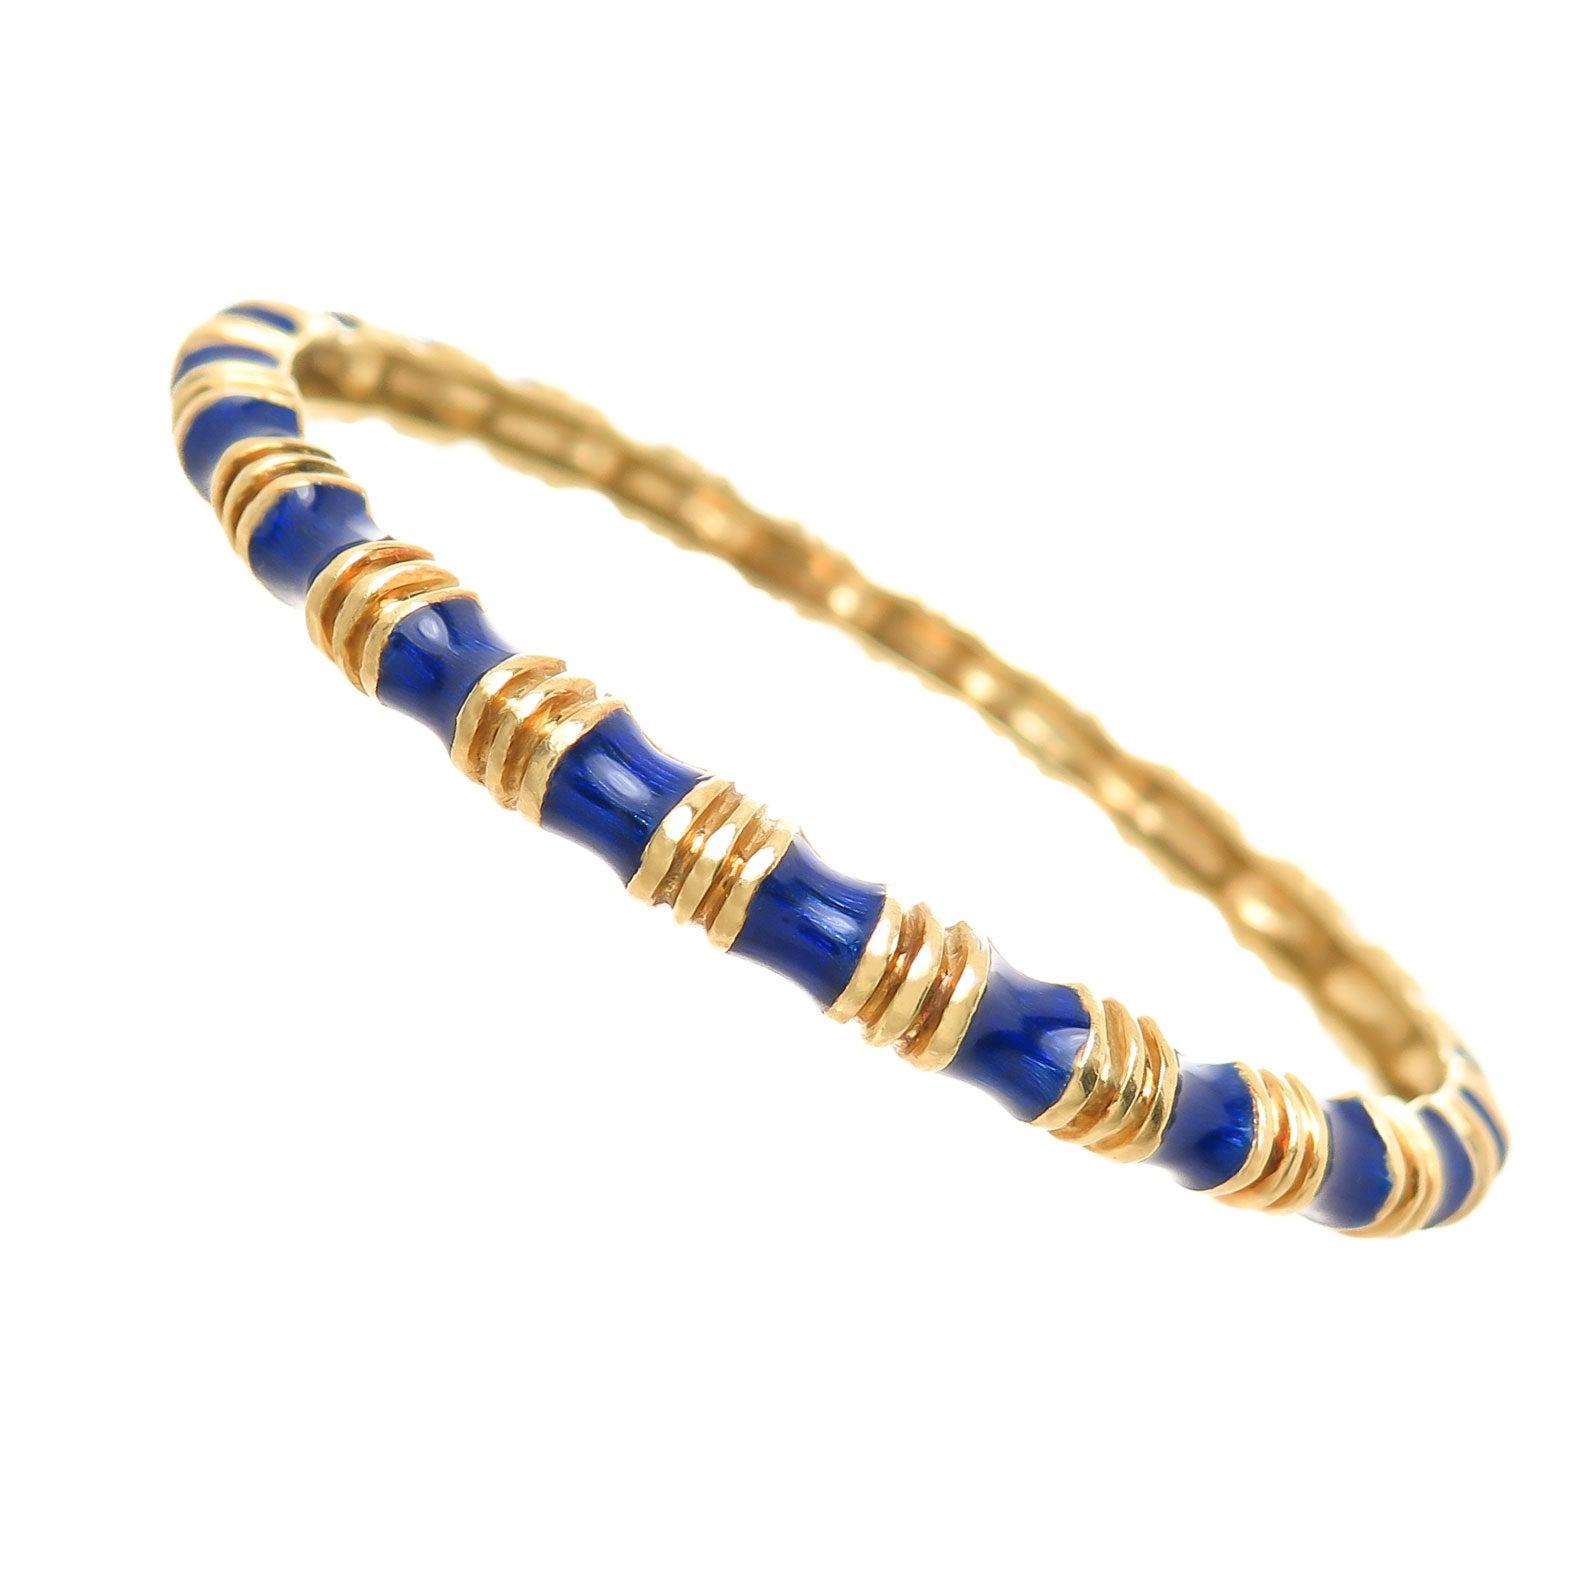 Tiffany & Co. Yellow Gold and Enamel Bangle Bracelet